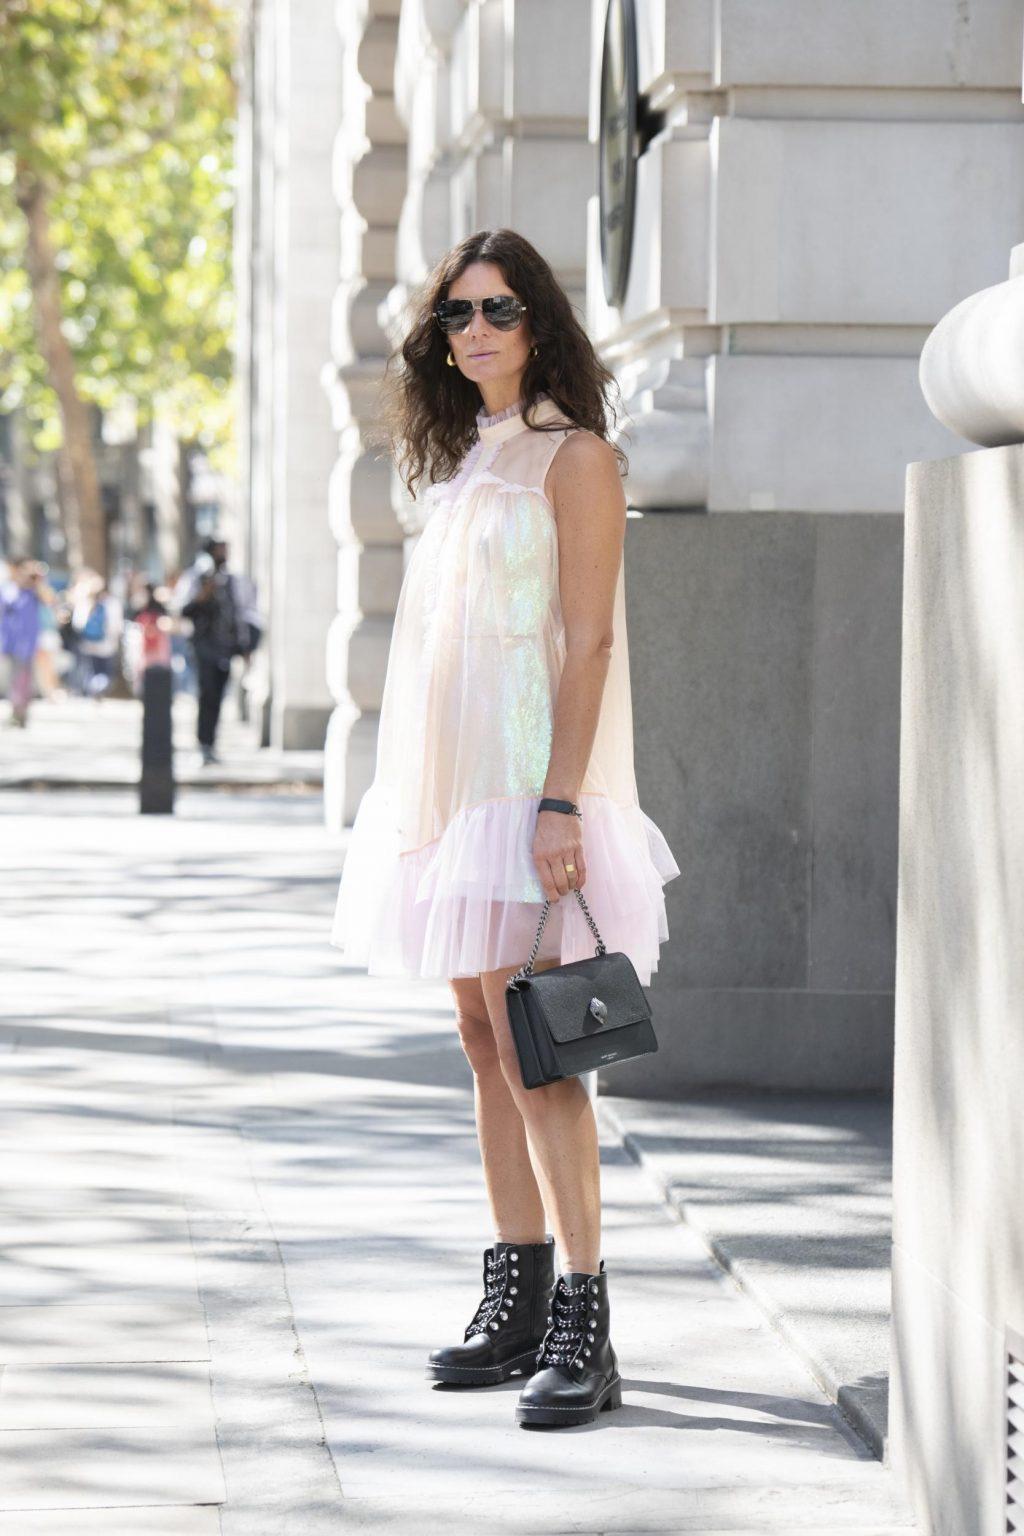 Cân bằng giữa nét nữ tính và cá tính bằng cách phối đầm voan và giày boots da tại Tuần lễ thời trang London Xuân - Hè 2020